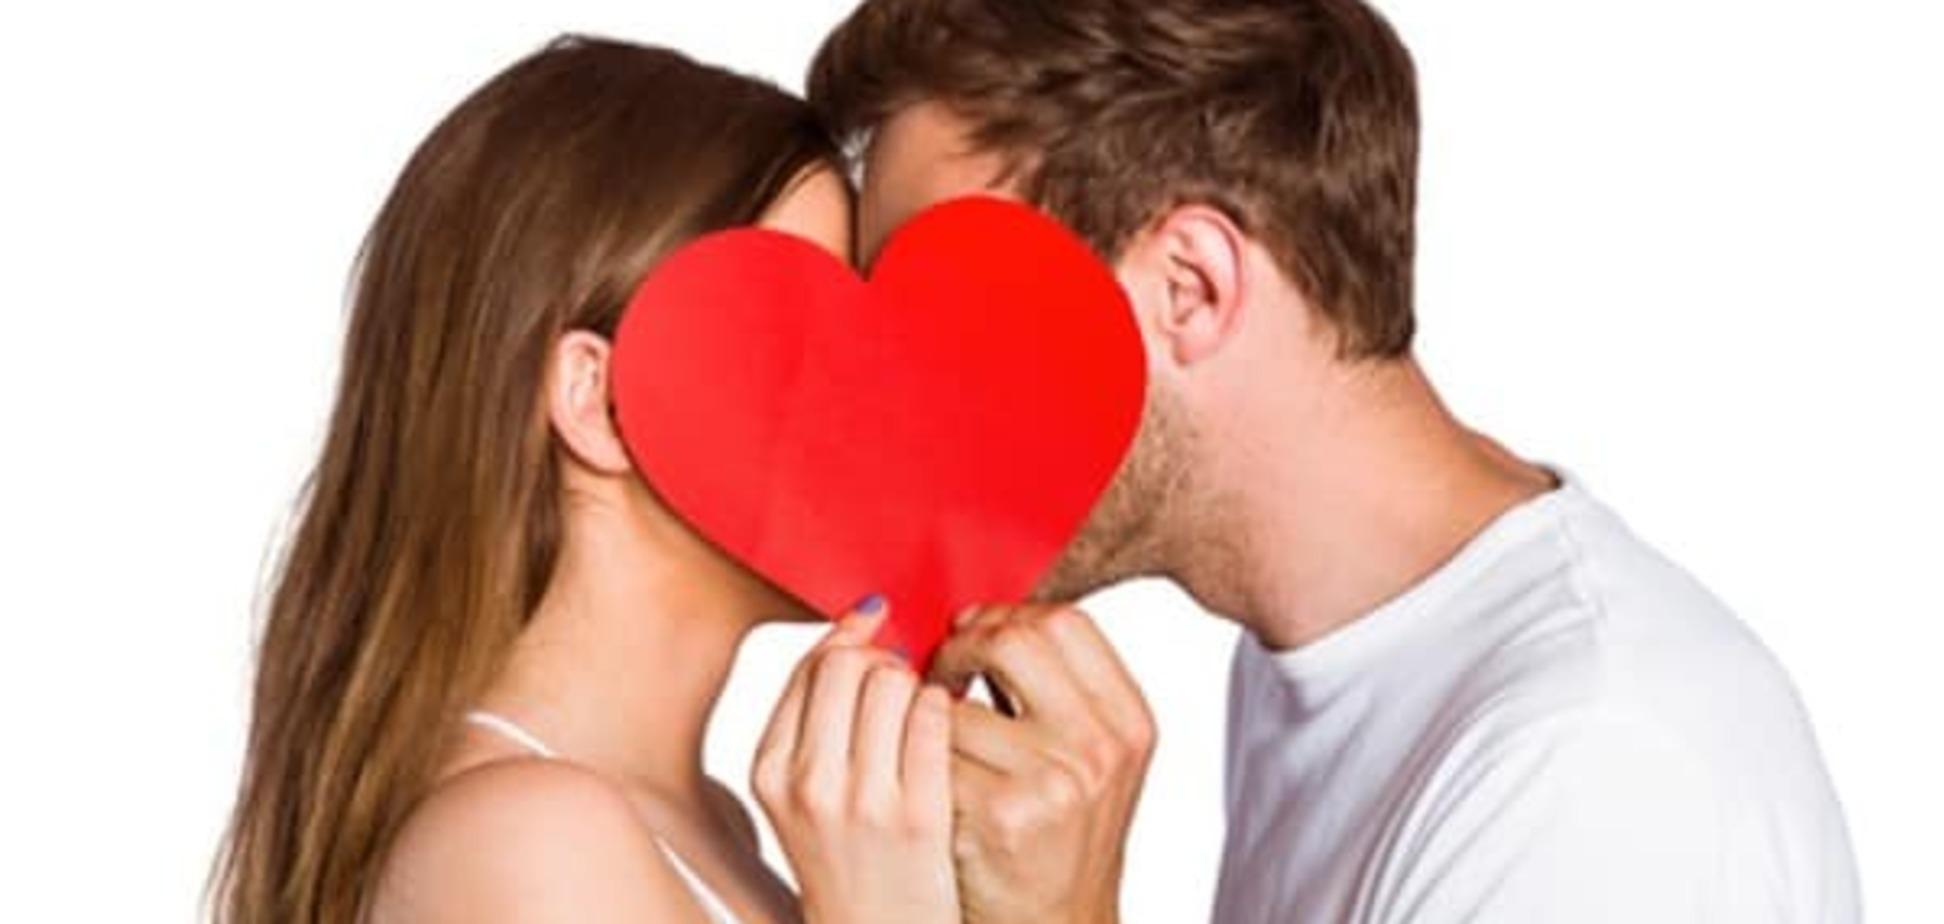 11 міфів, які заважають знайти любов: психолог порадив, як позбутися ілюзій